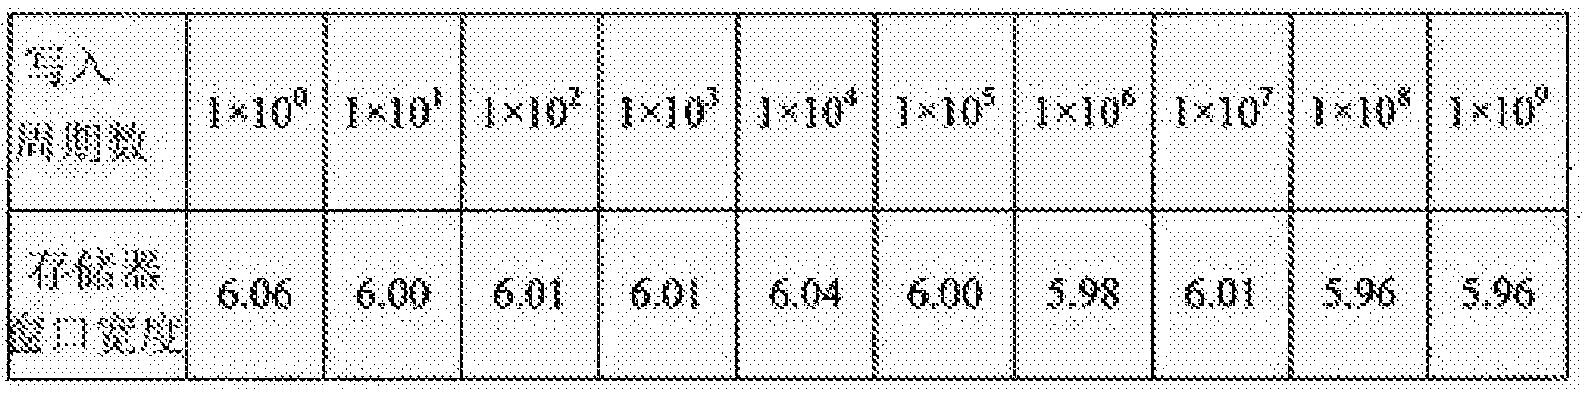 Figure CN102754163BD00331